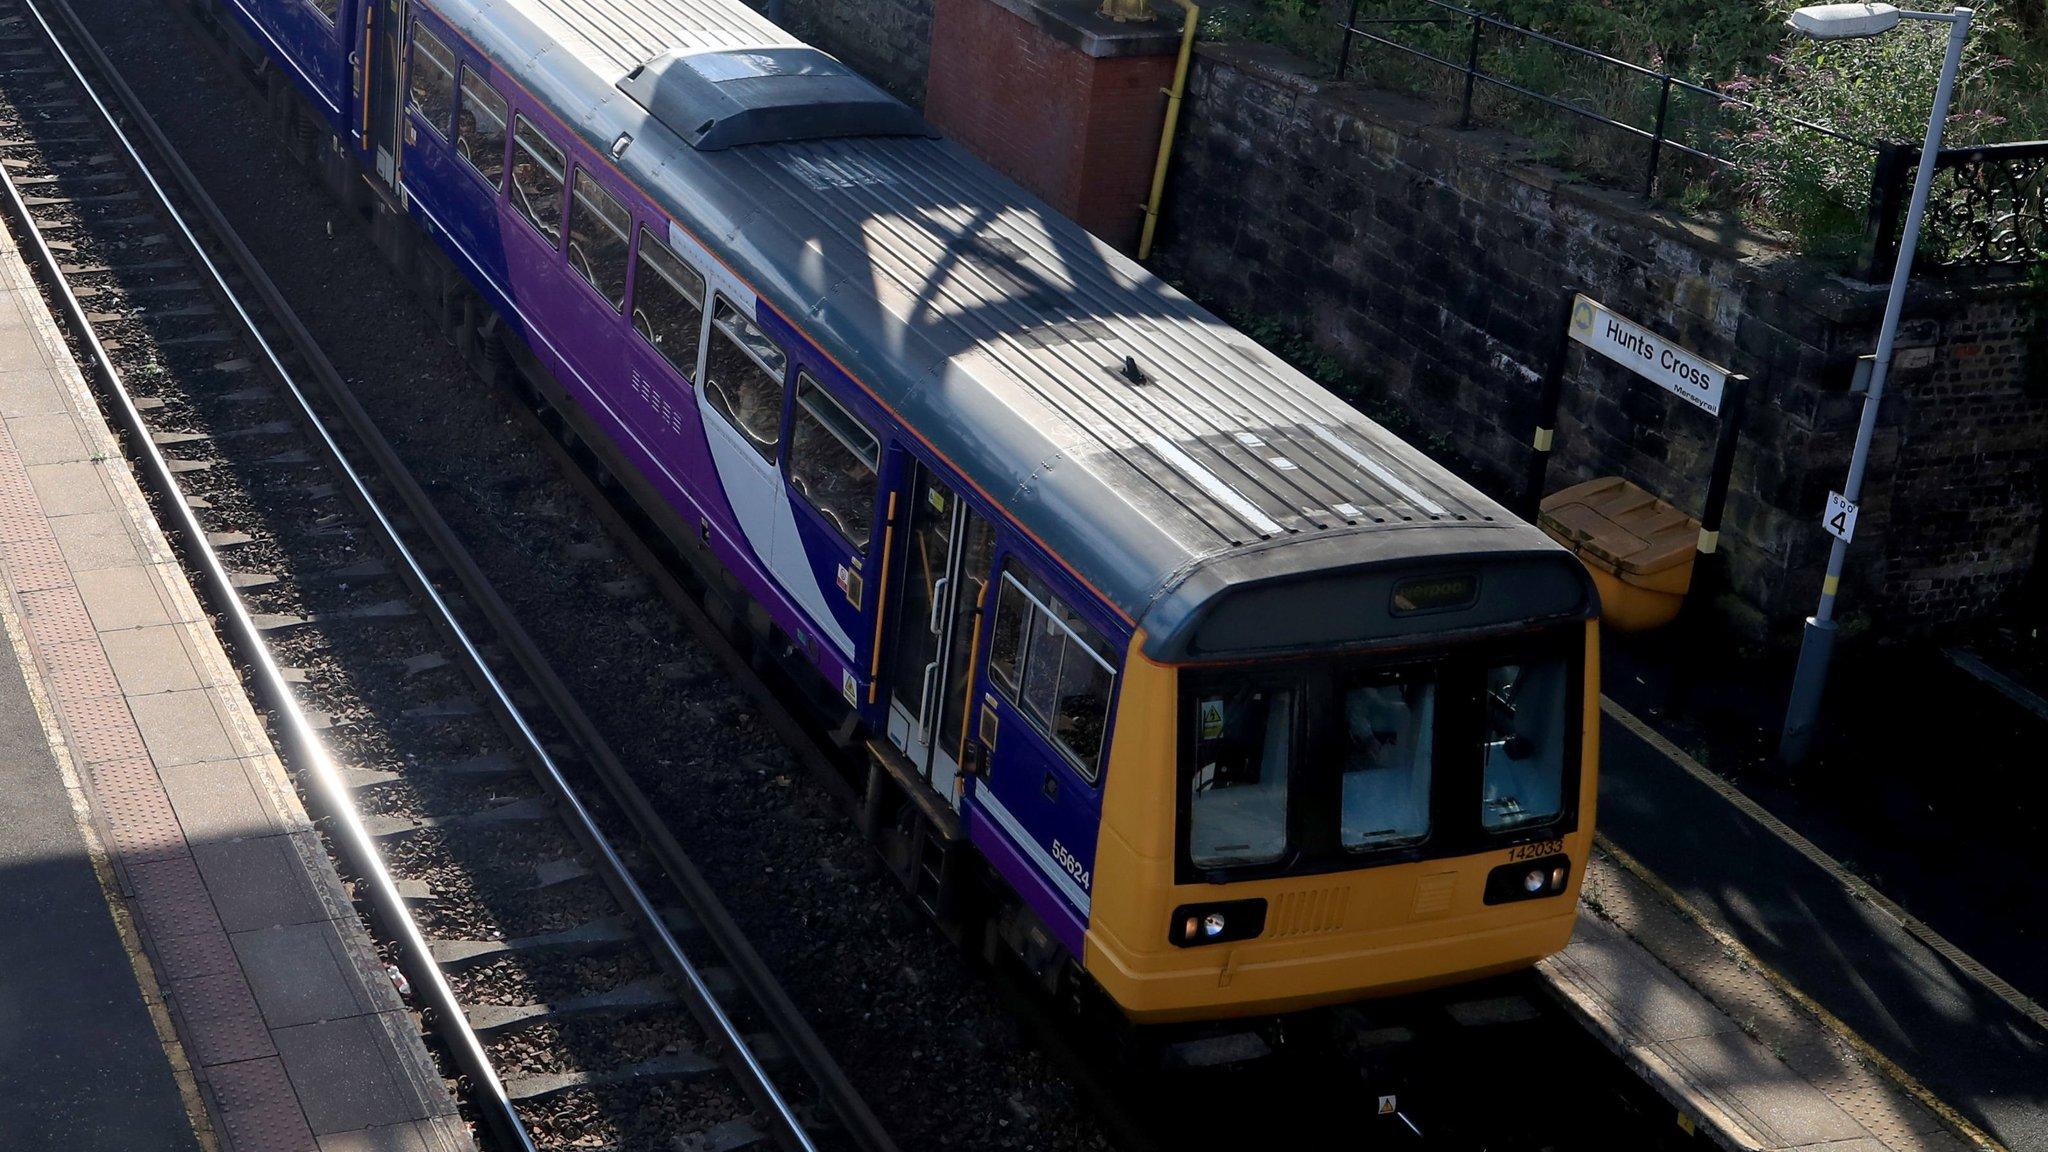 철도 차량 과장의 비판을받는 신형 열차에 집중 |  파이낸셜 타임즈